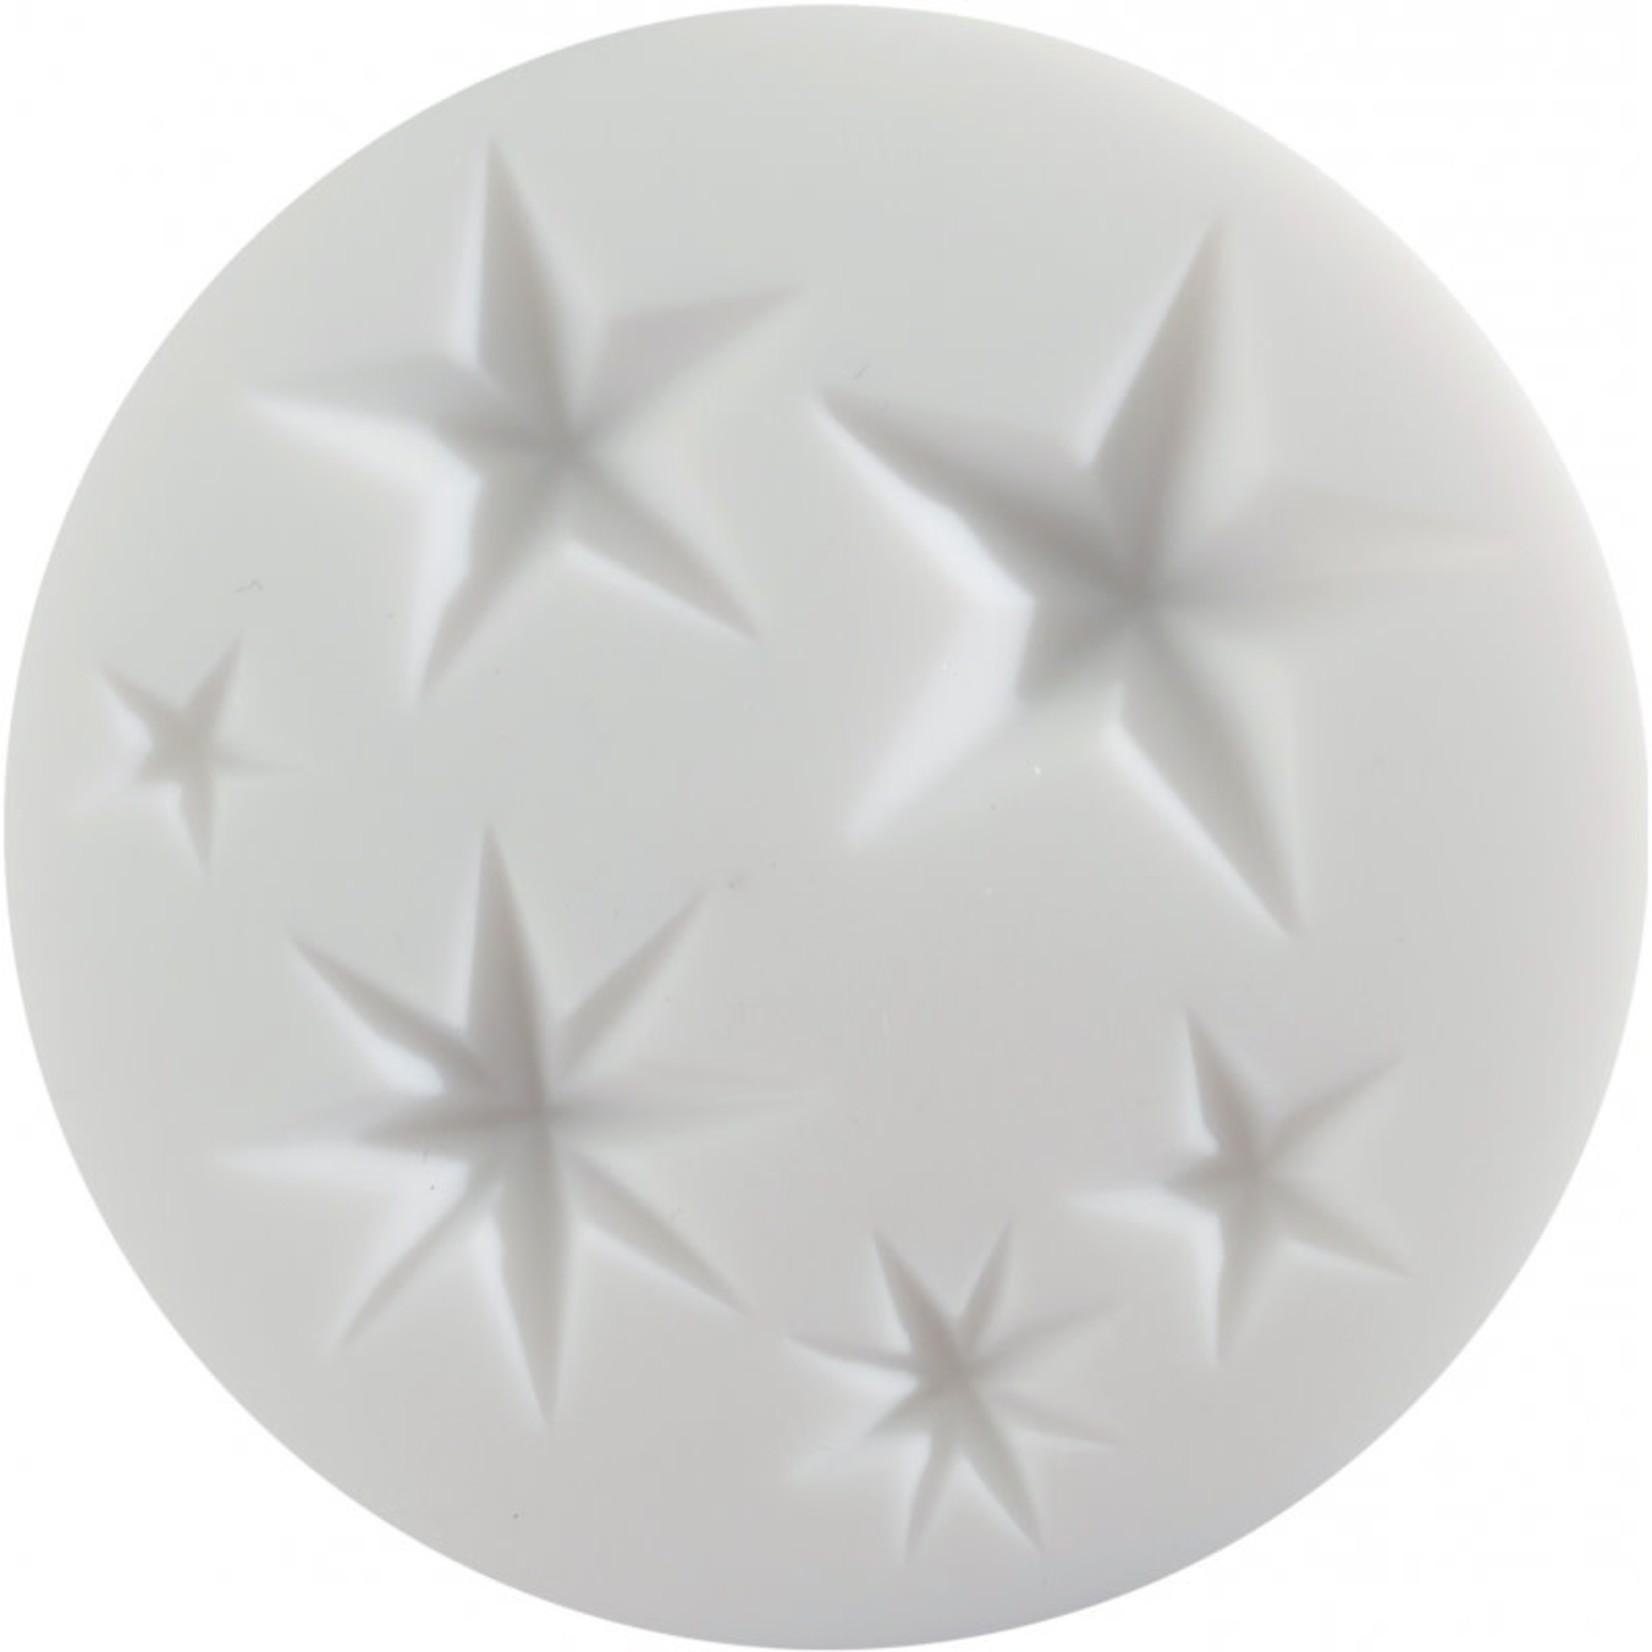 Cernit Cernit Silicone Mold - Stars